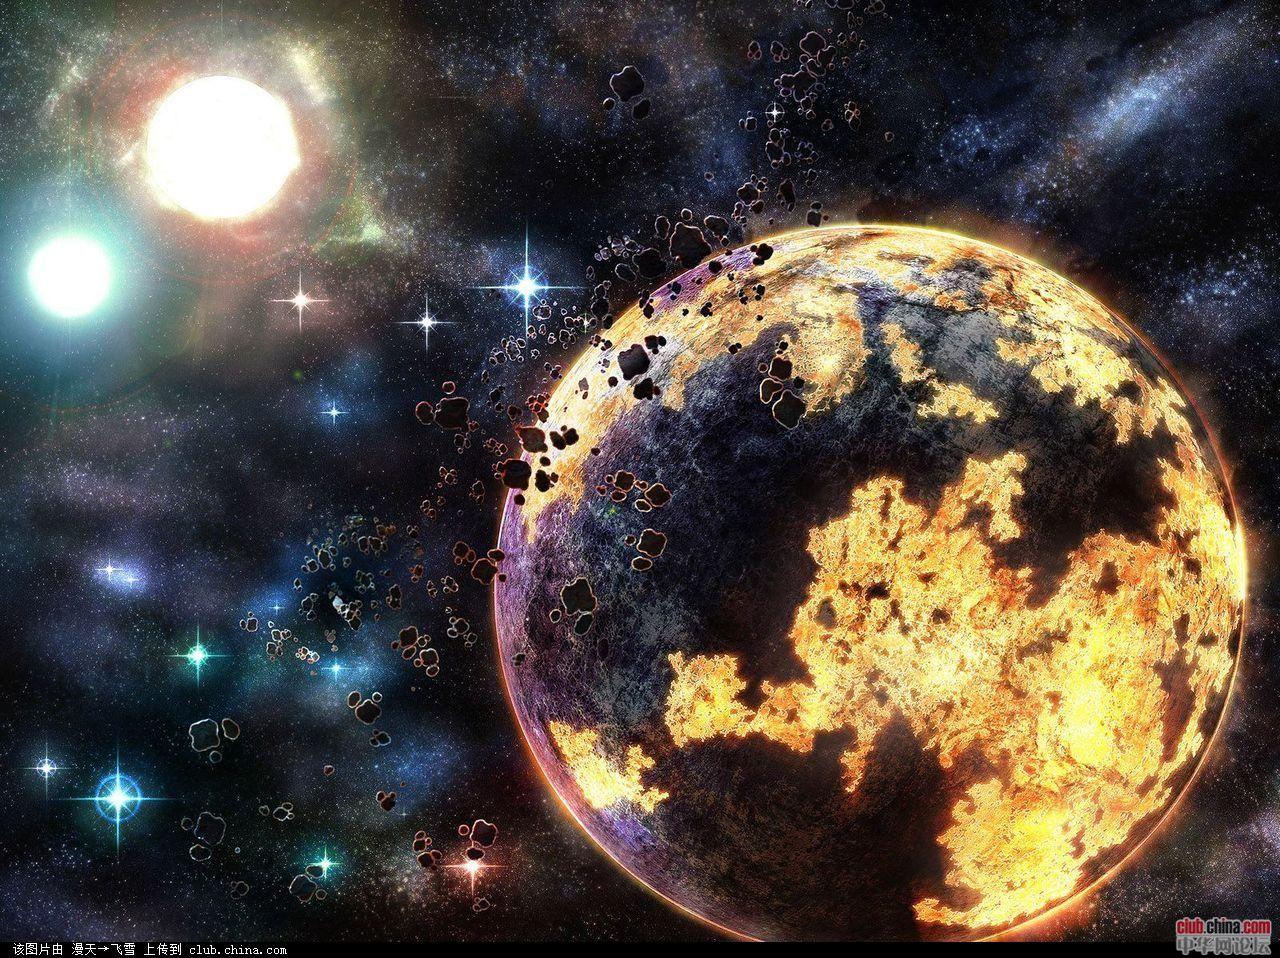 视觉大餐-美丽的宇宙星空